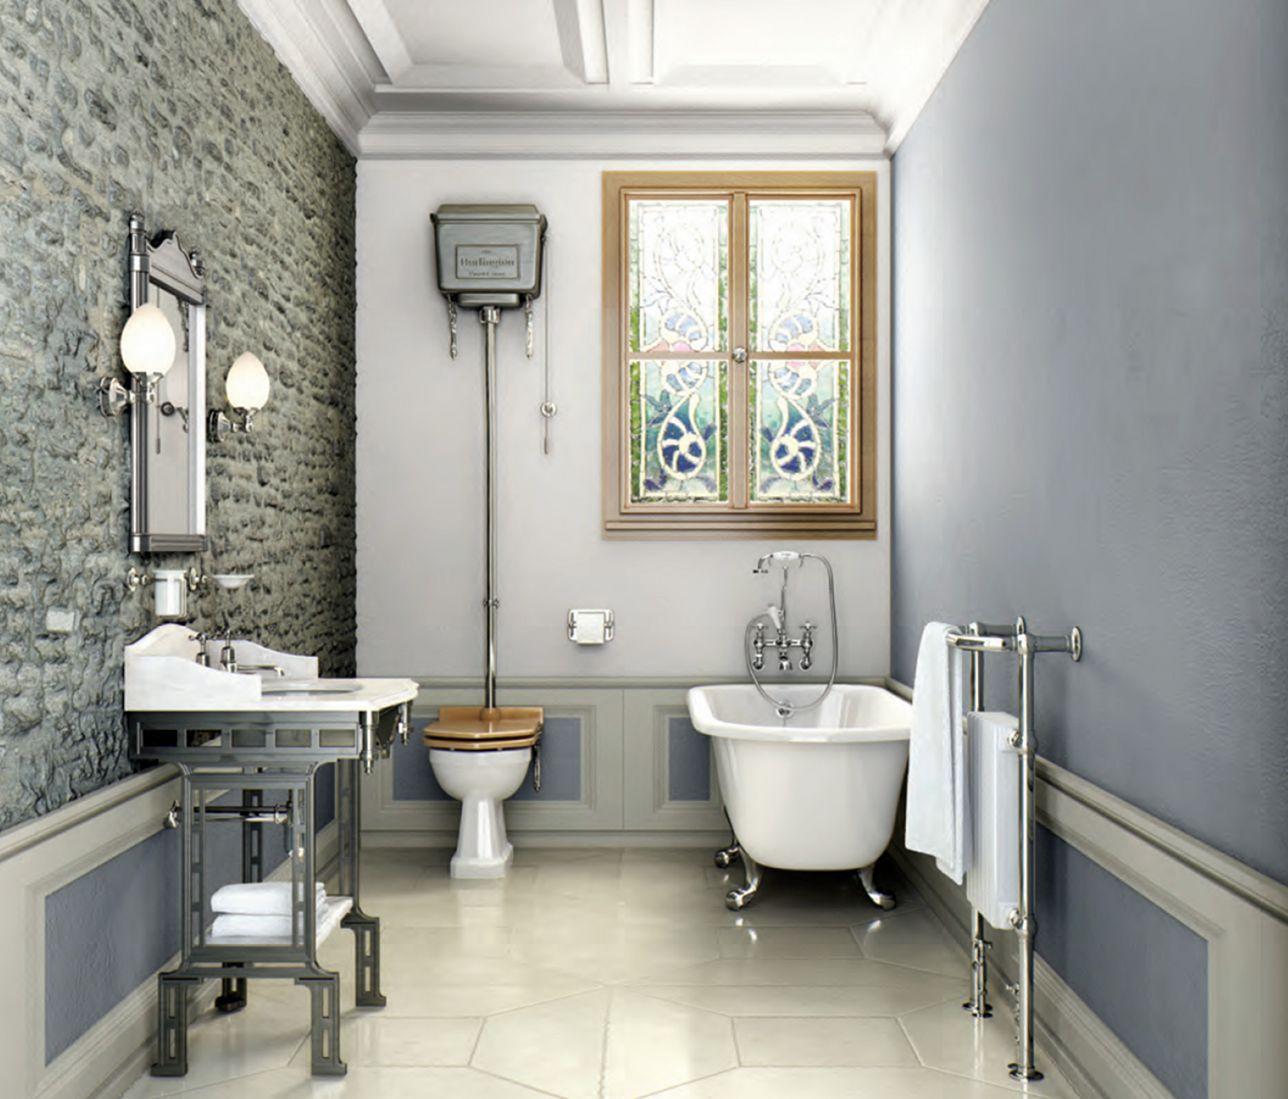 9 Awesome Victorian Bathroom Design Ideas That Are Most Wanted In 2020 Grey Bathrooms Bathroom Design Victorian Bathroom